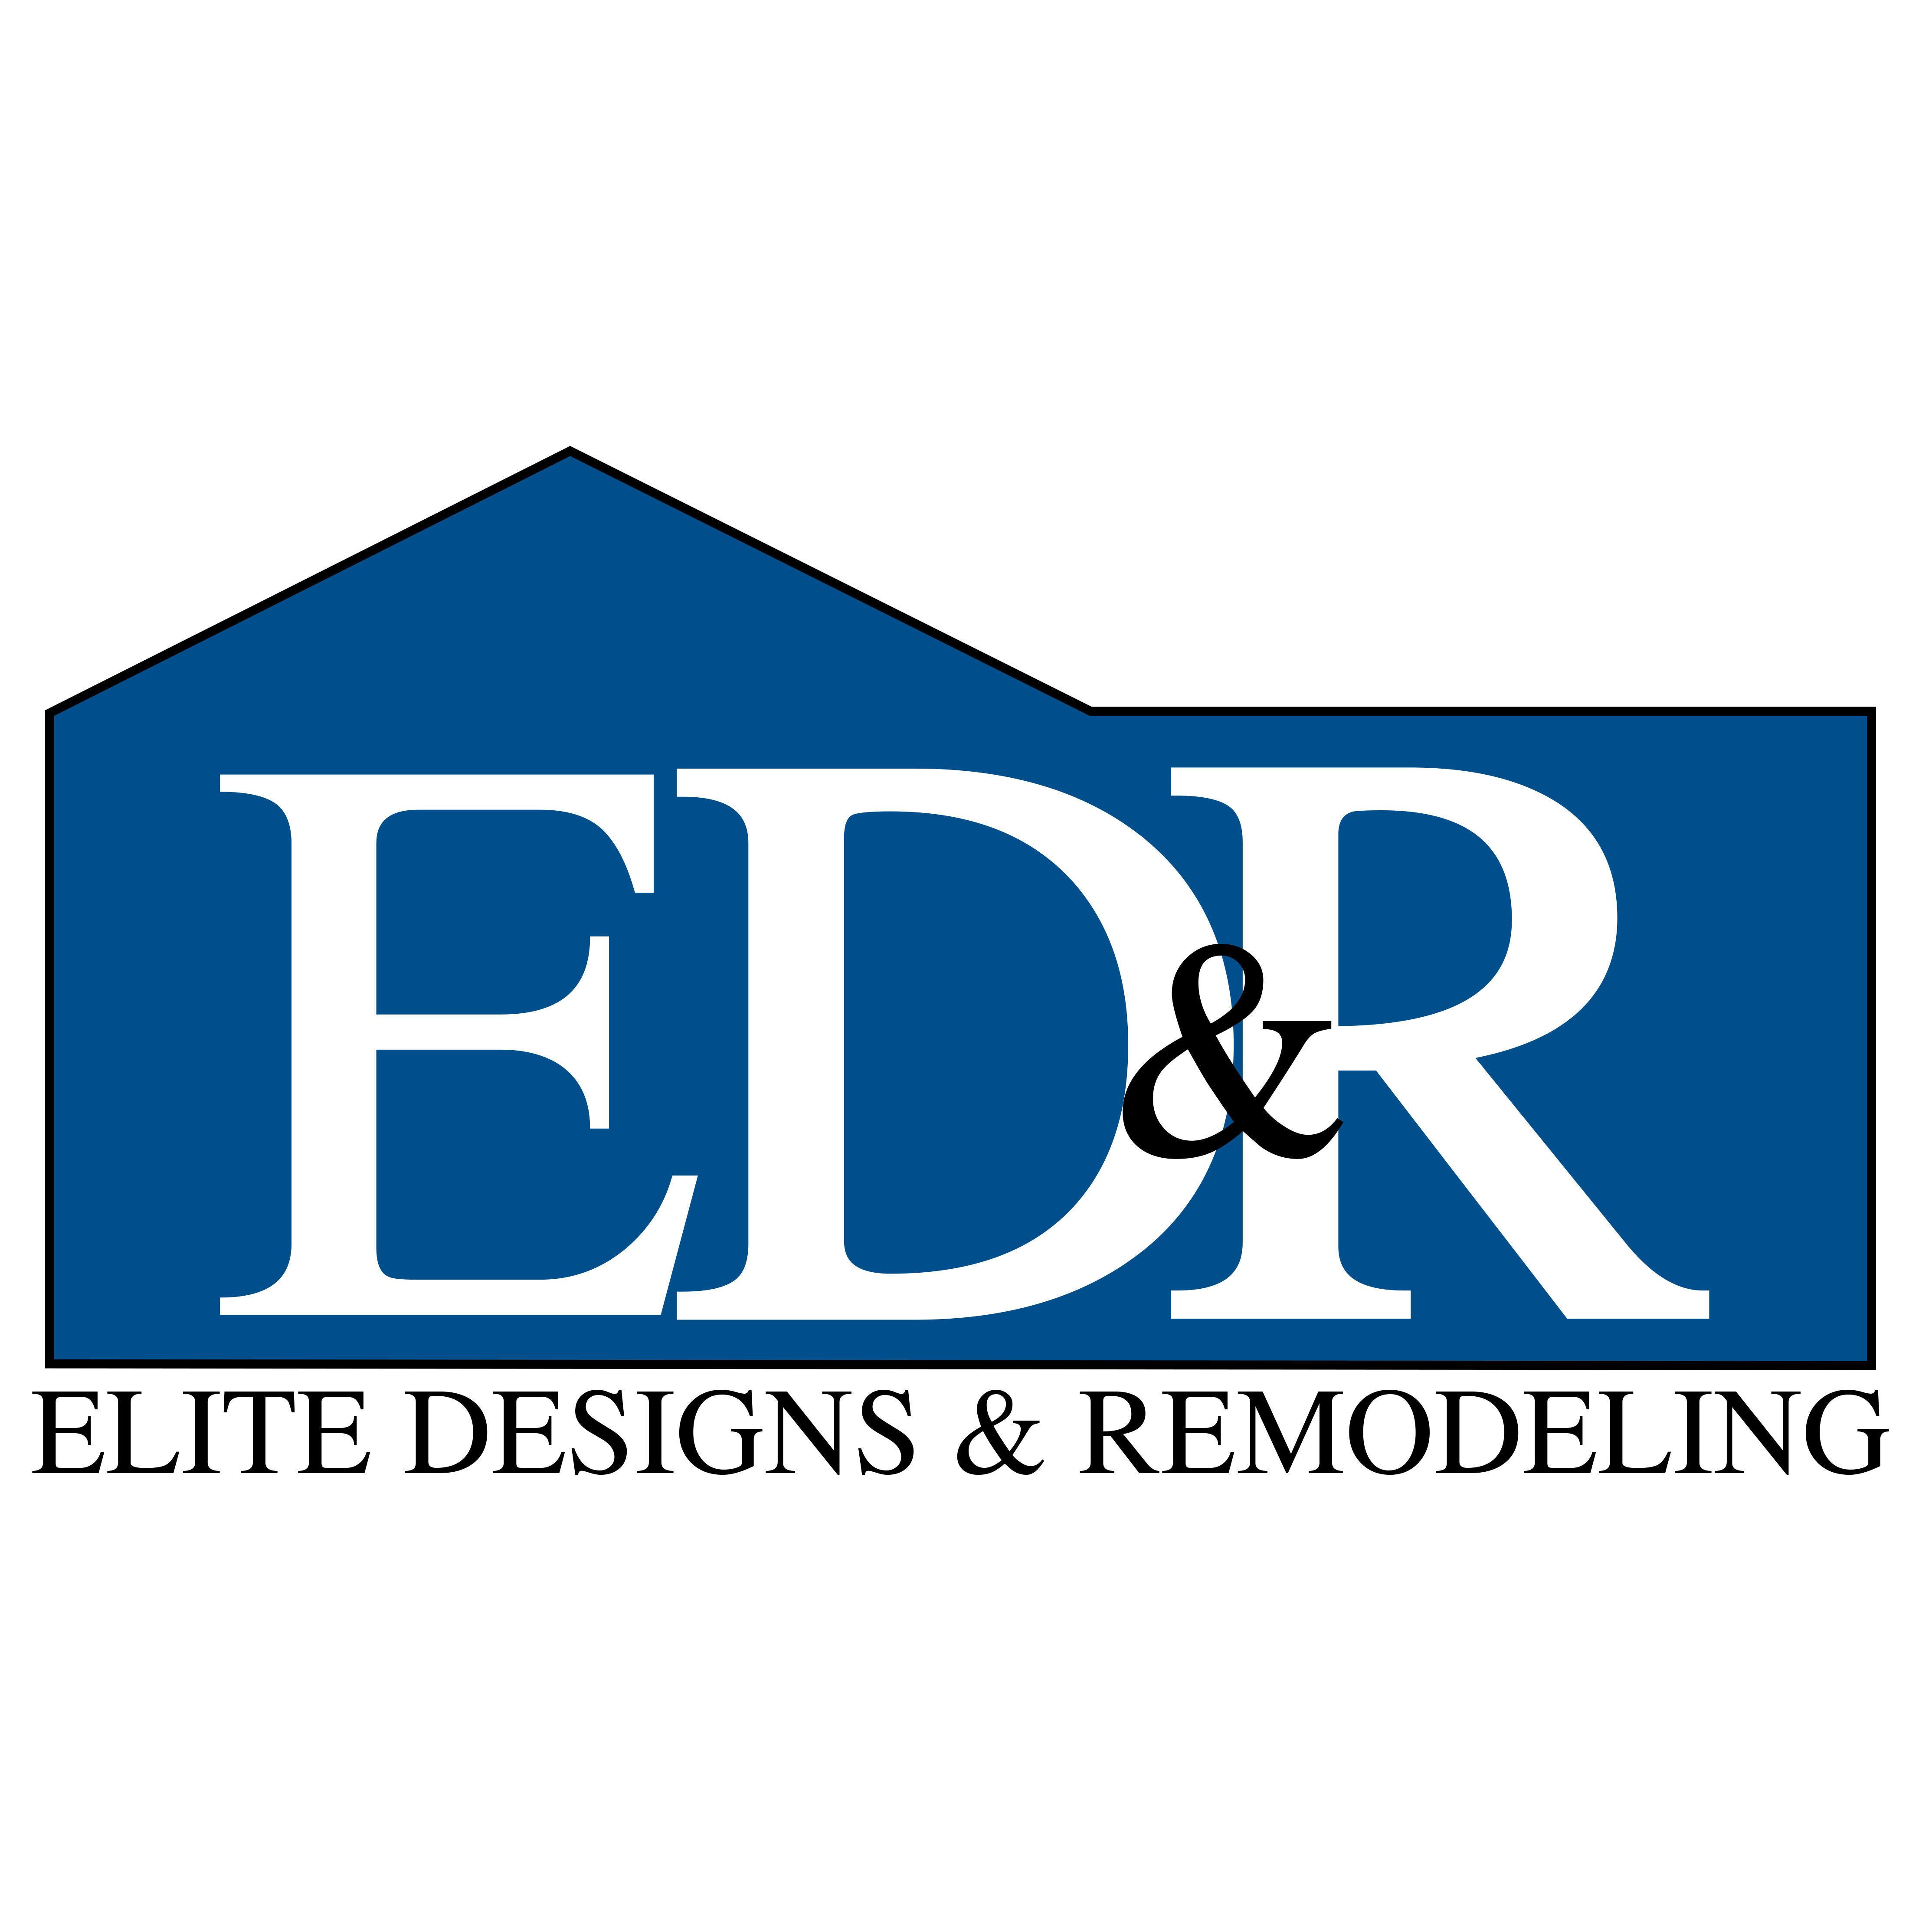 Elite Designs & Remodeling